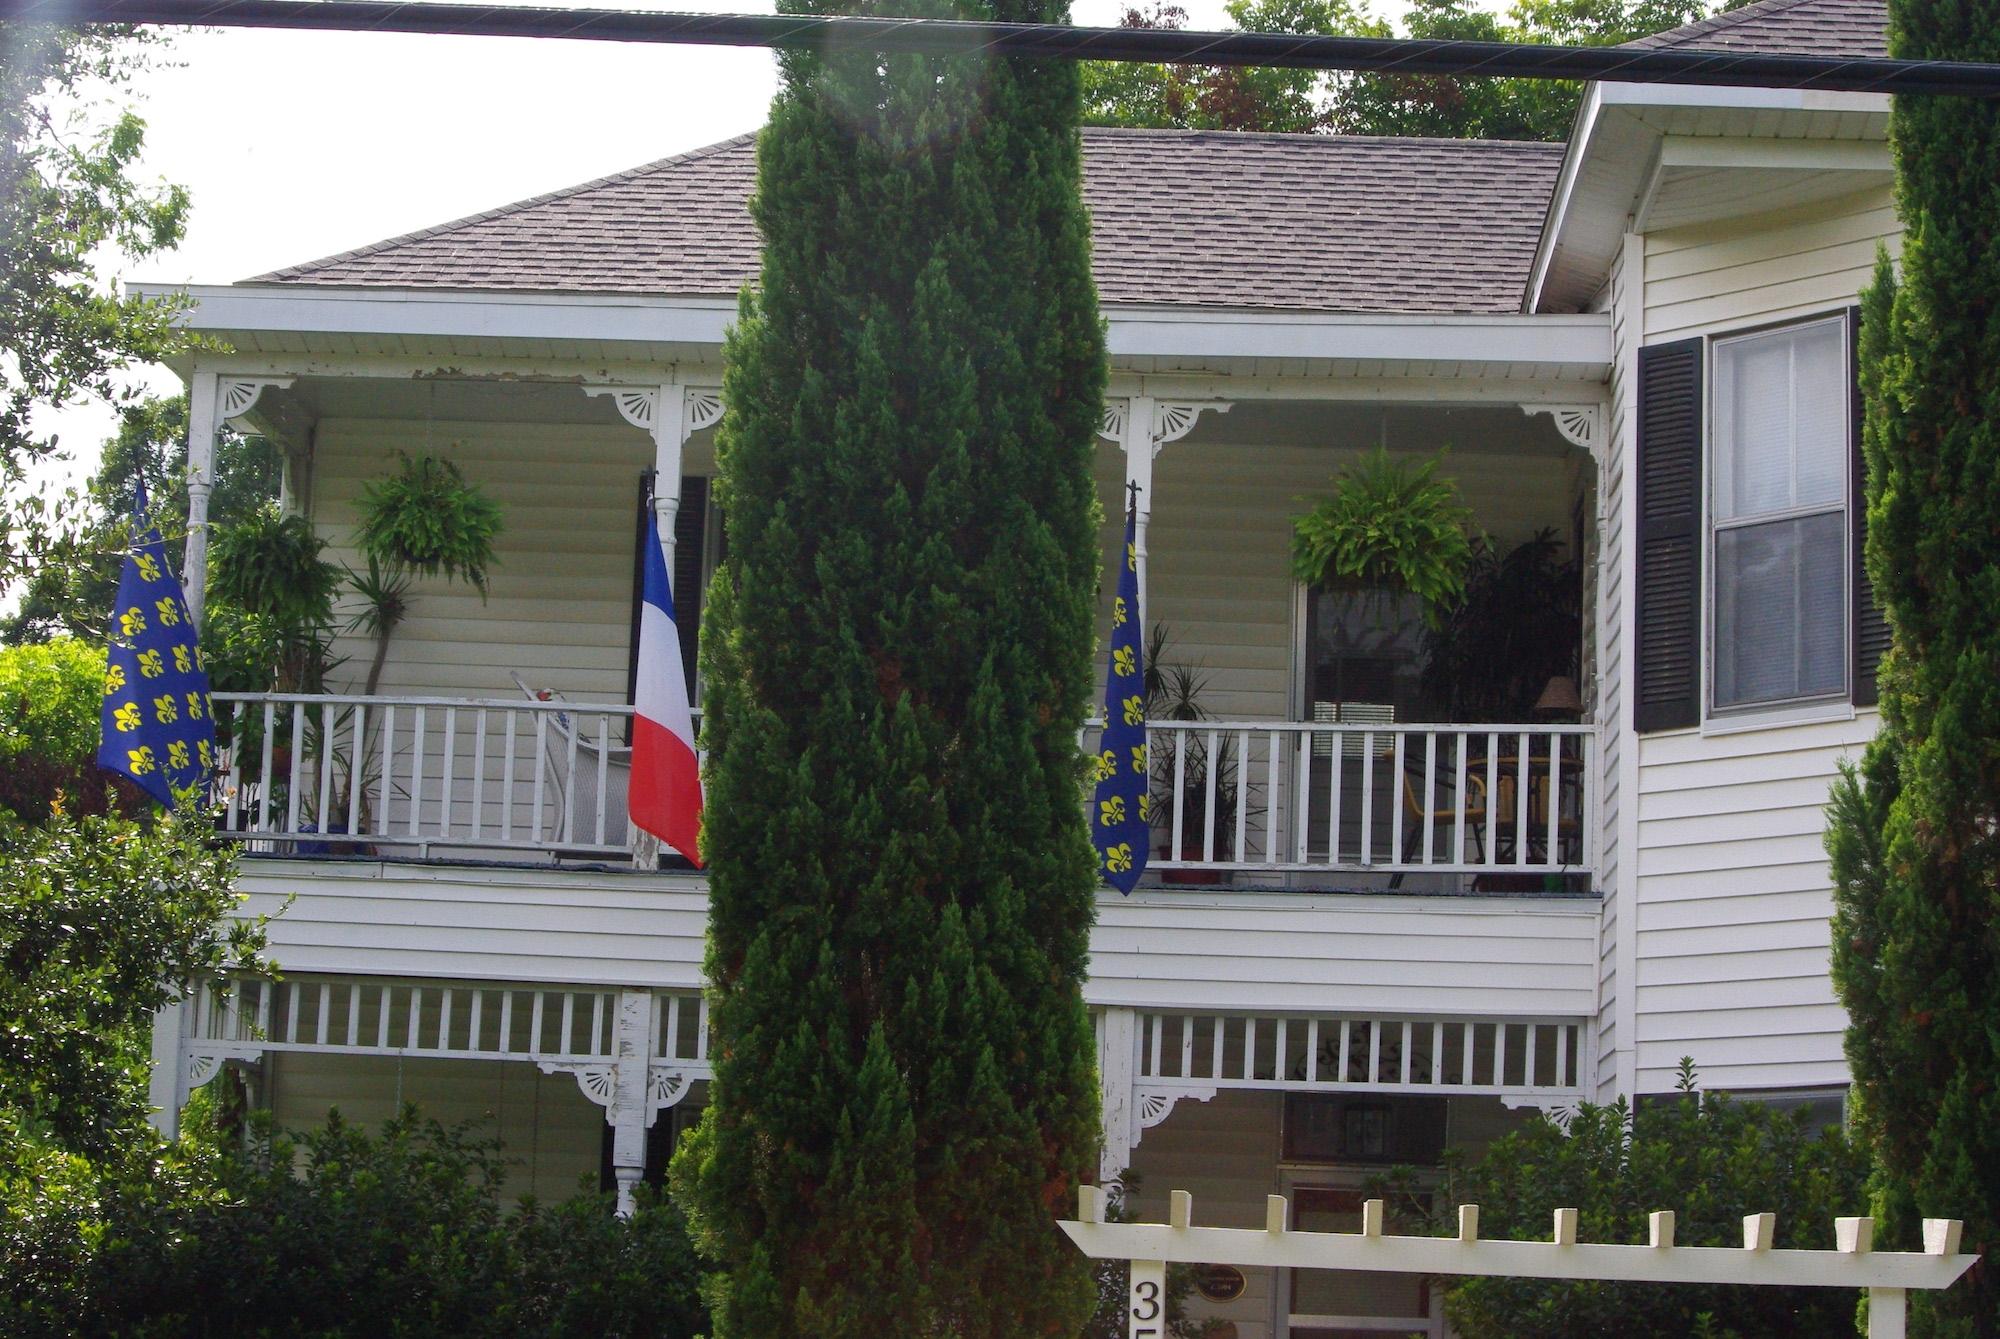 Notre location. Drapeaux royalistes et français